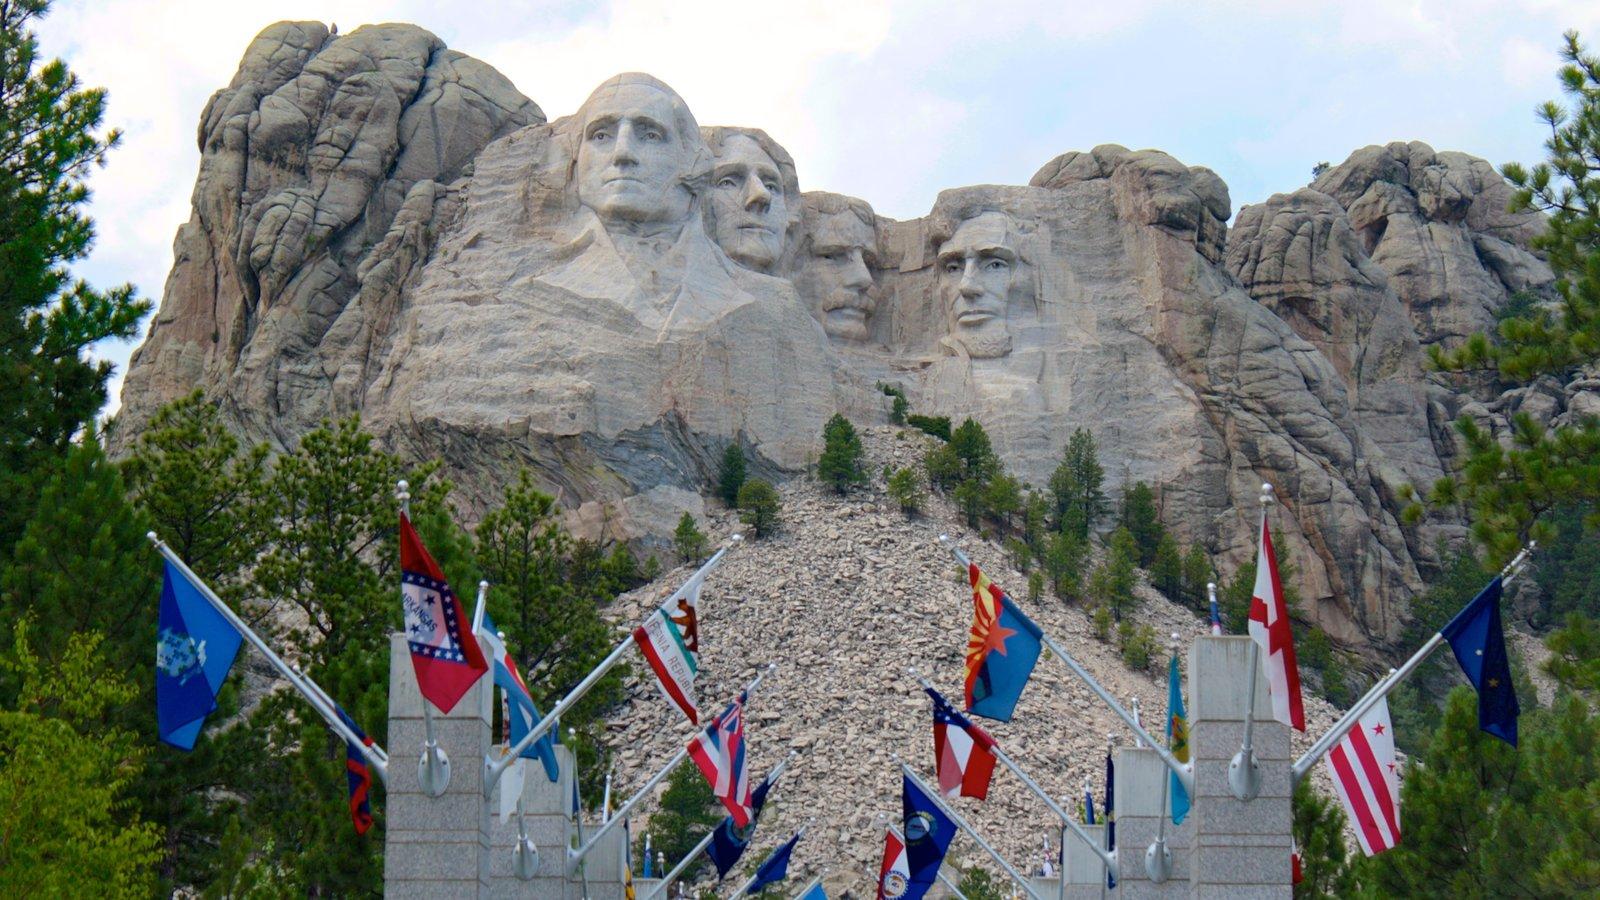 Mount Rushmore que inclui montanhas e um monumento